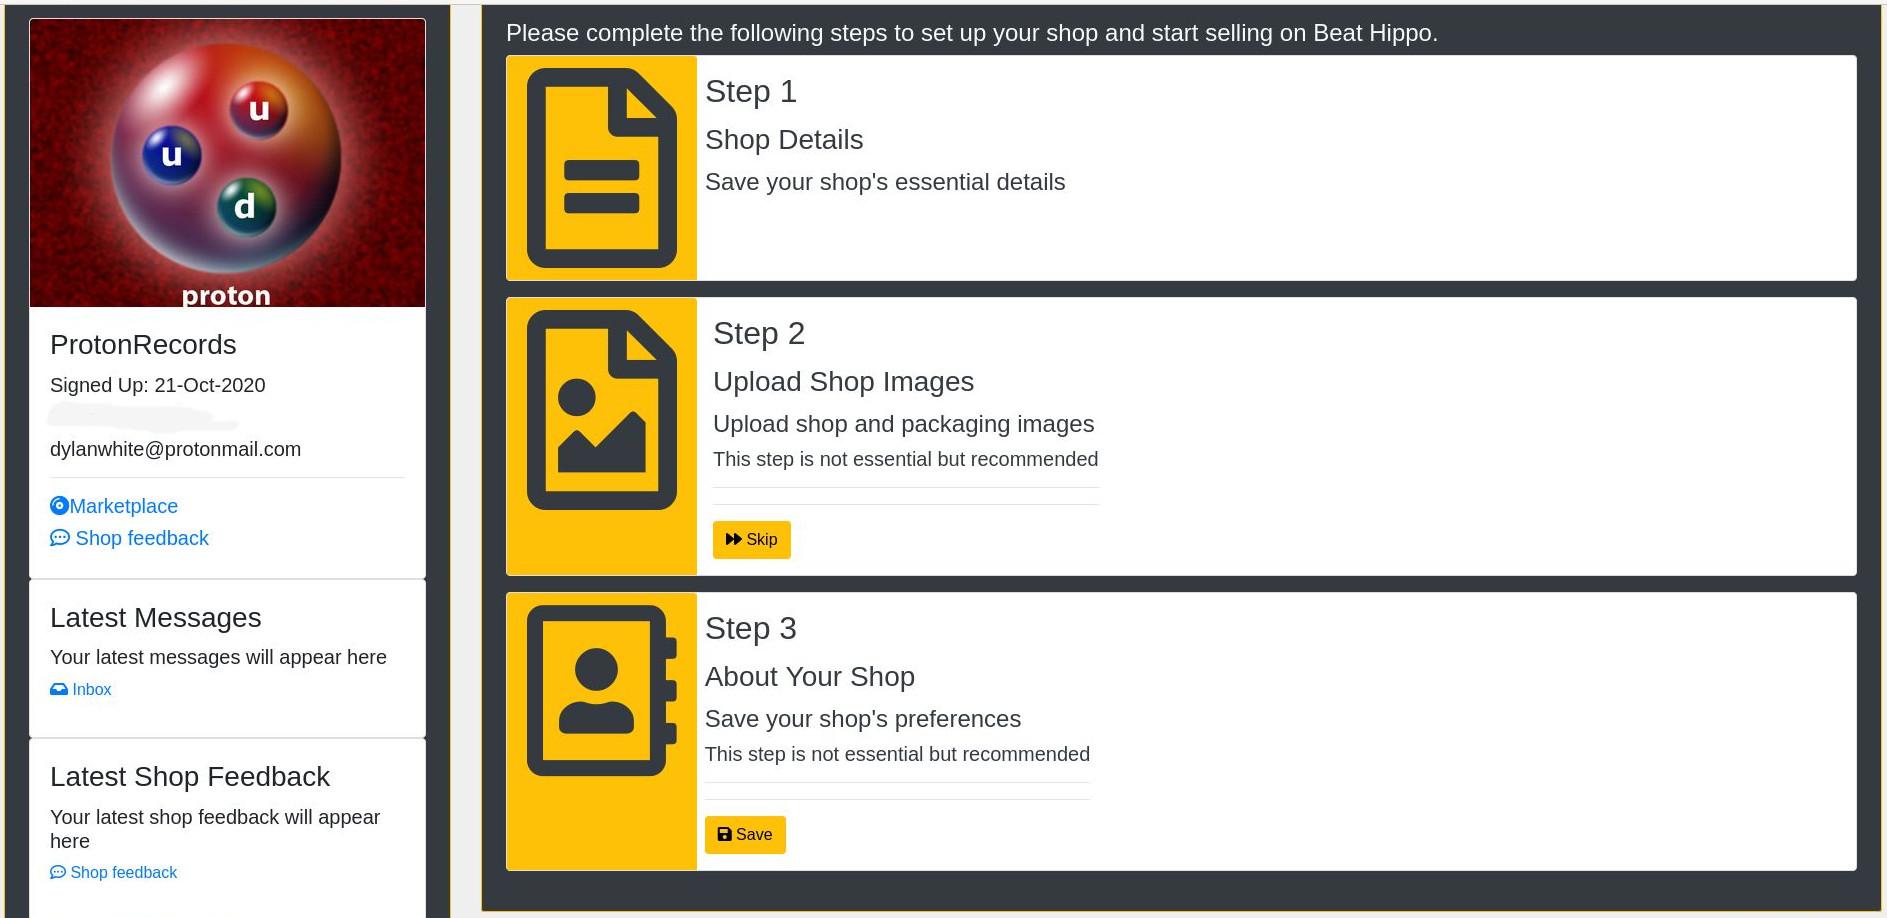 create a shop - shop details page